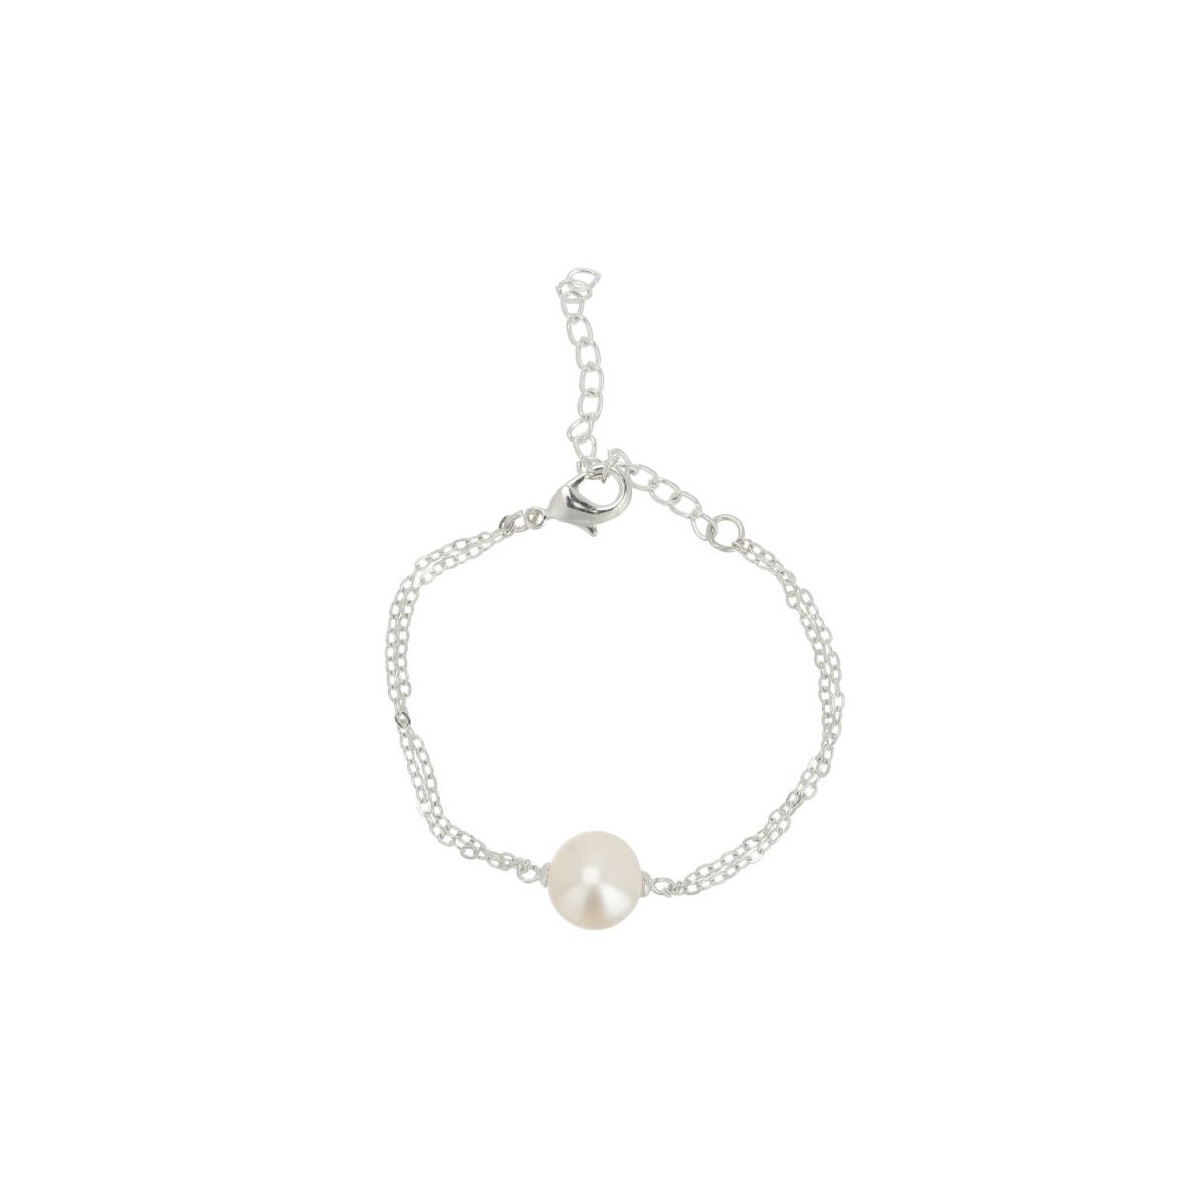 Bracelet en équilibre en perles de culture blanche et argent 925